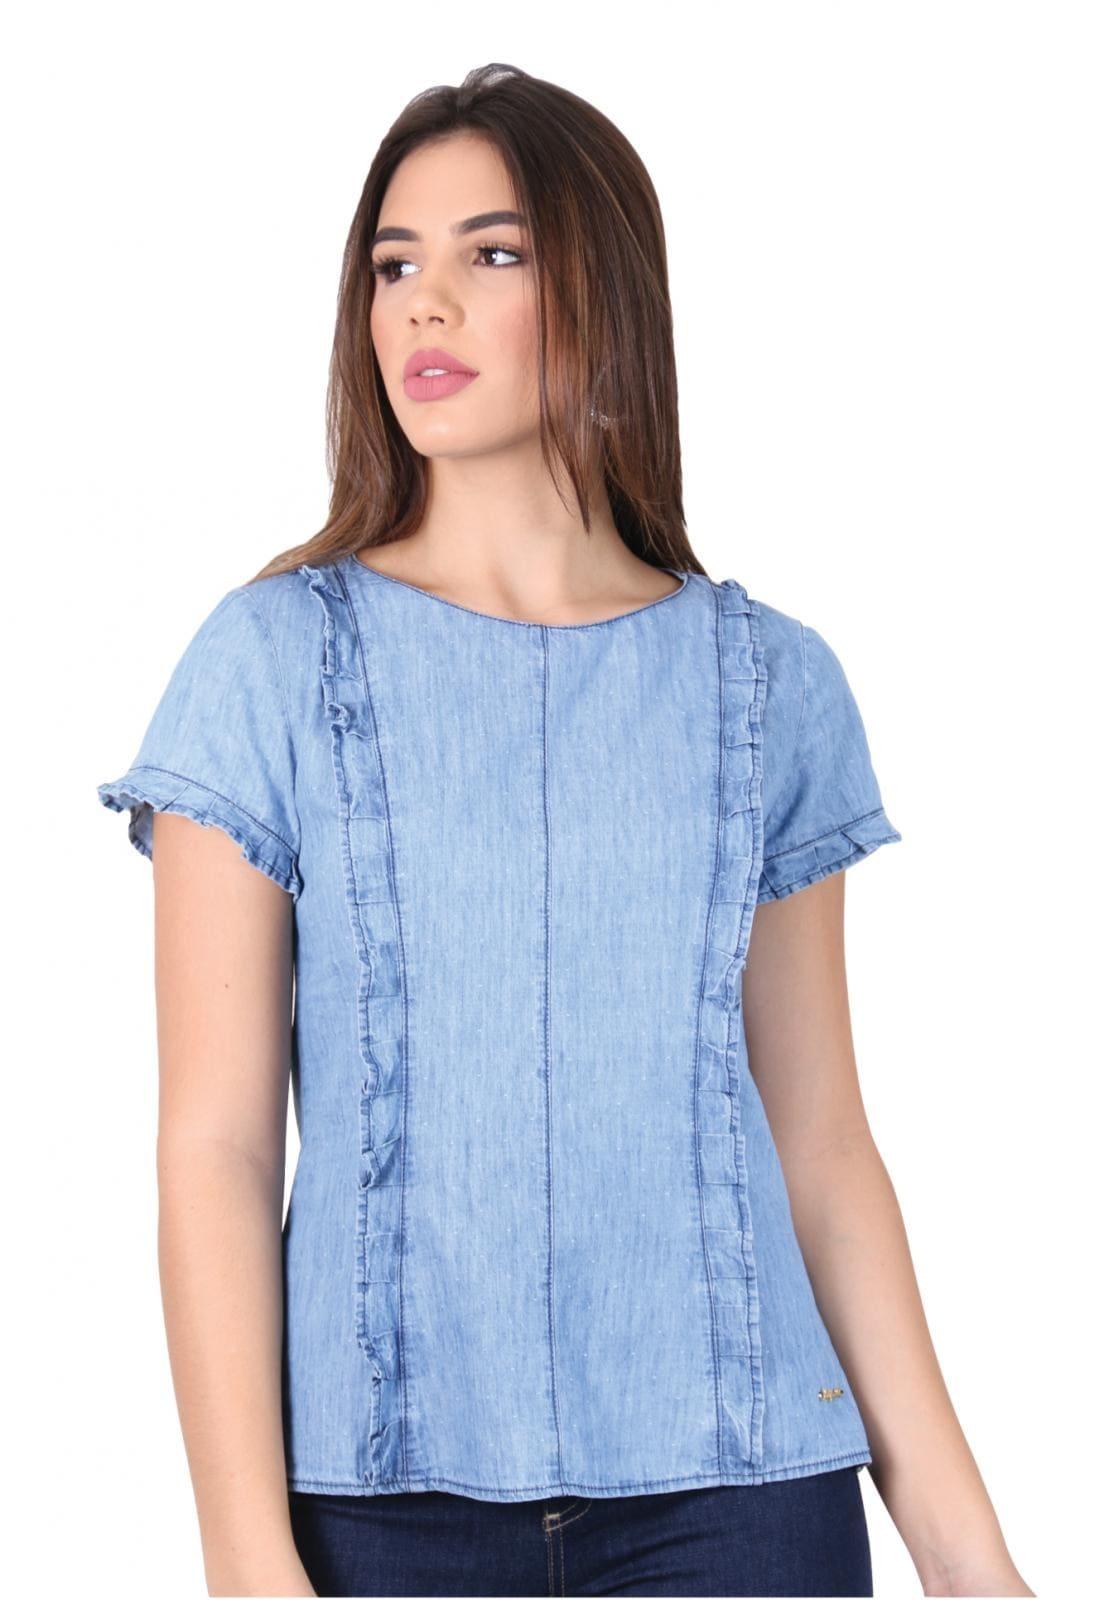 Blusa Feminina Jeans com Detalhes